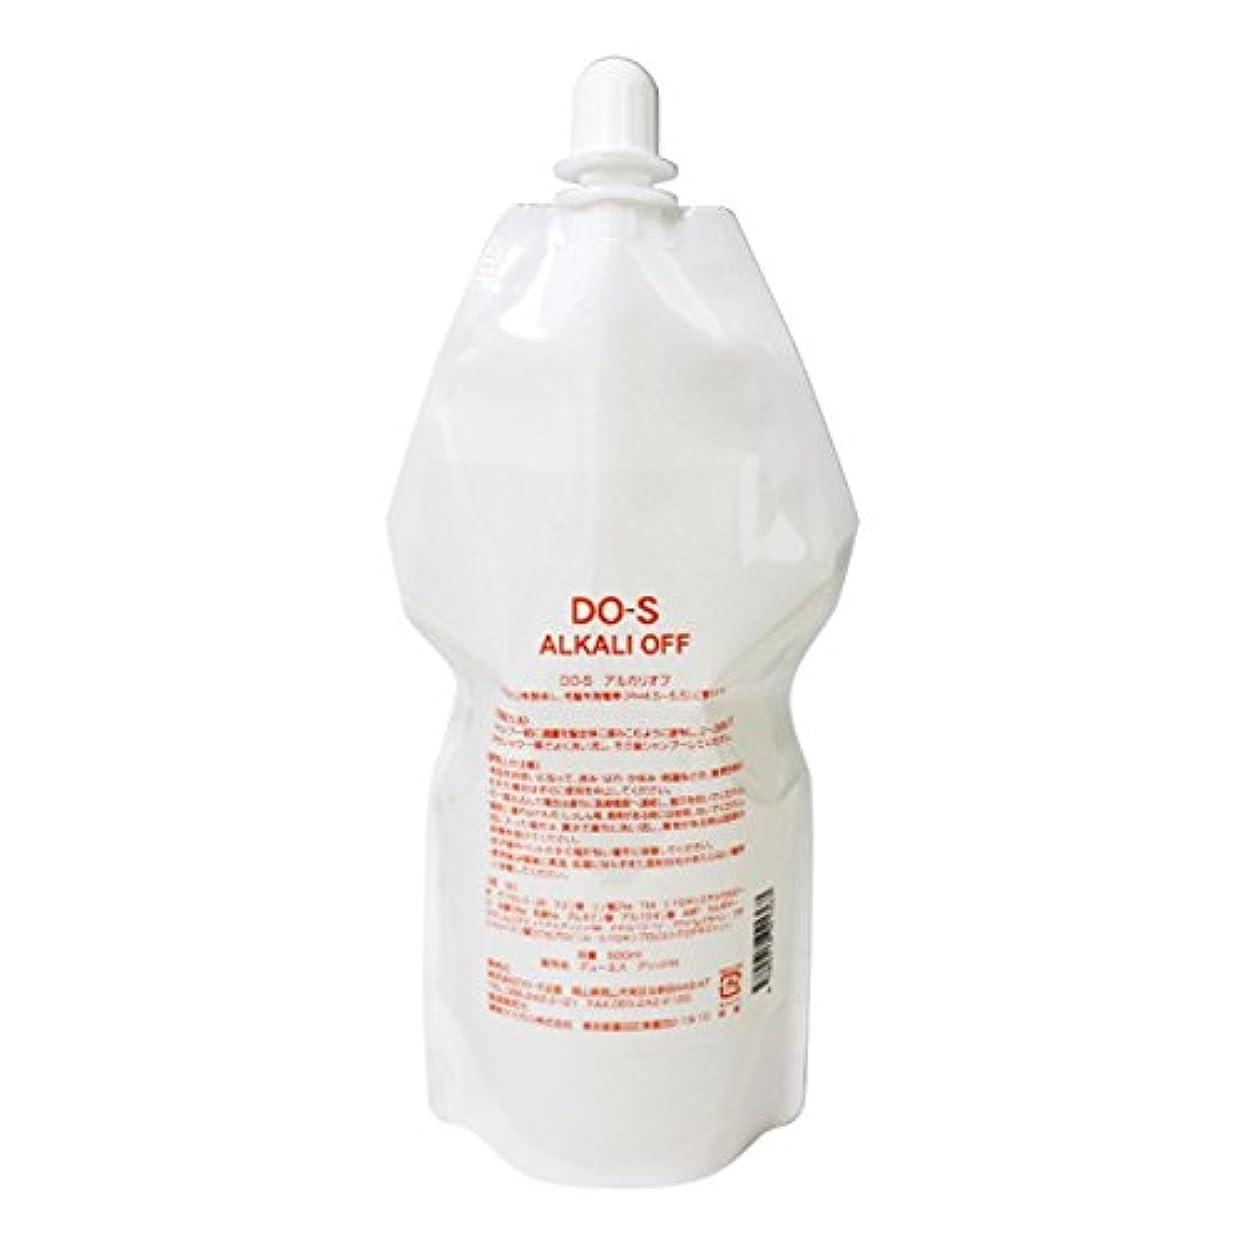 液化する皮肉な免除B-18 アルカリオフ500ml